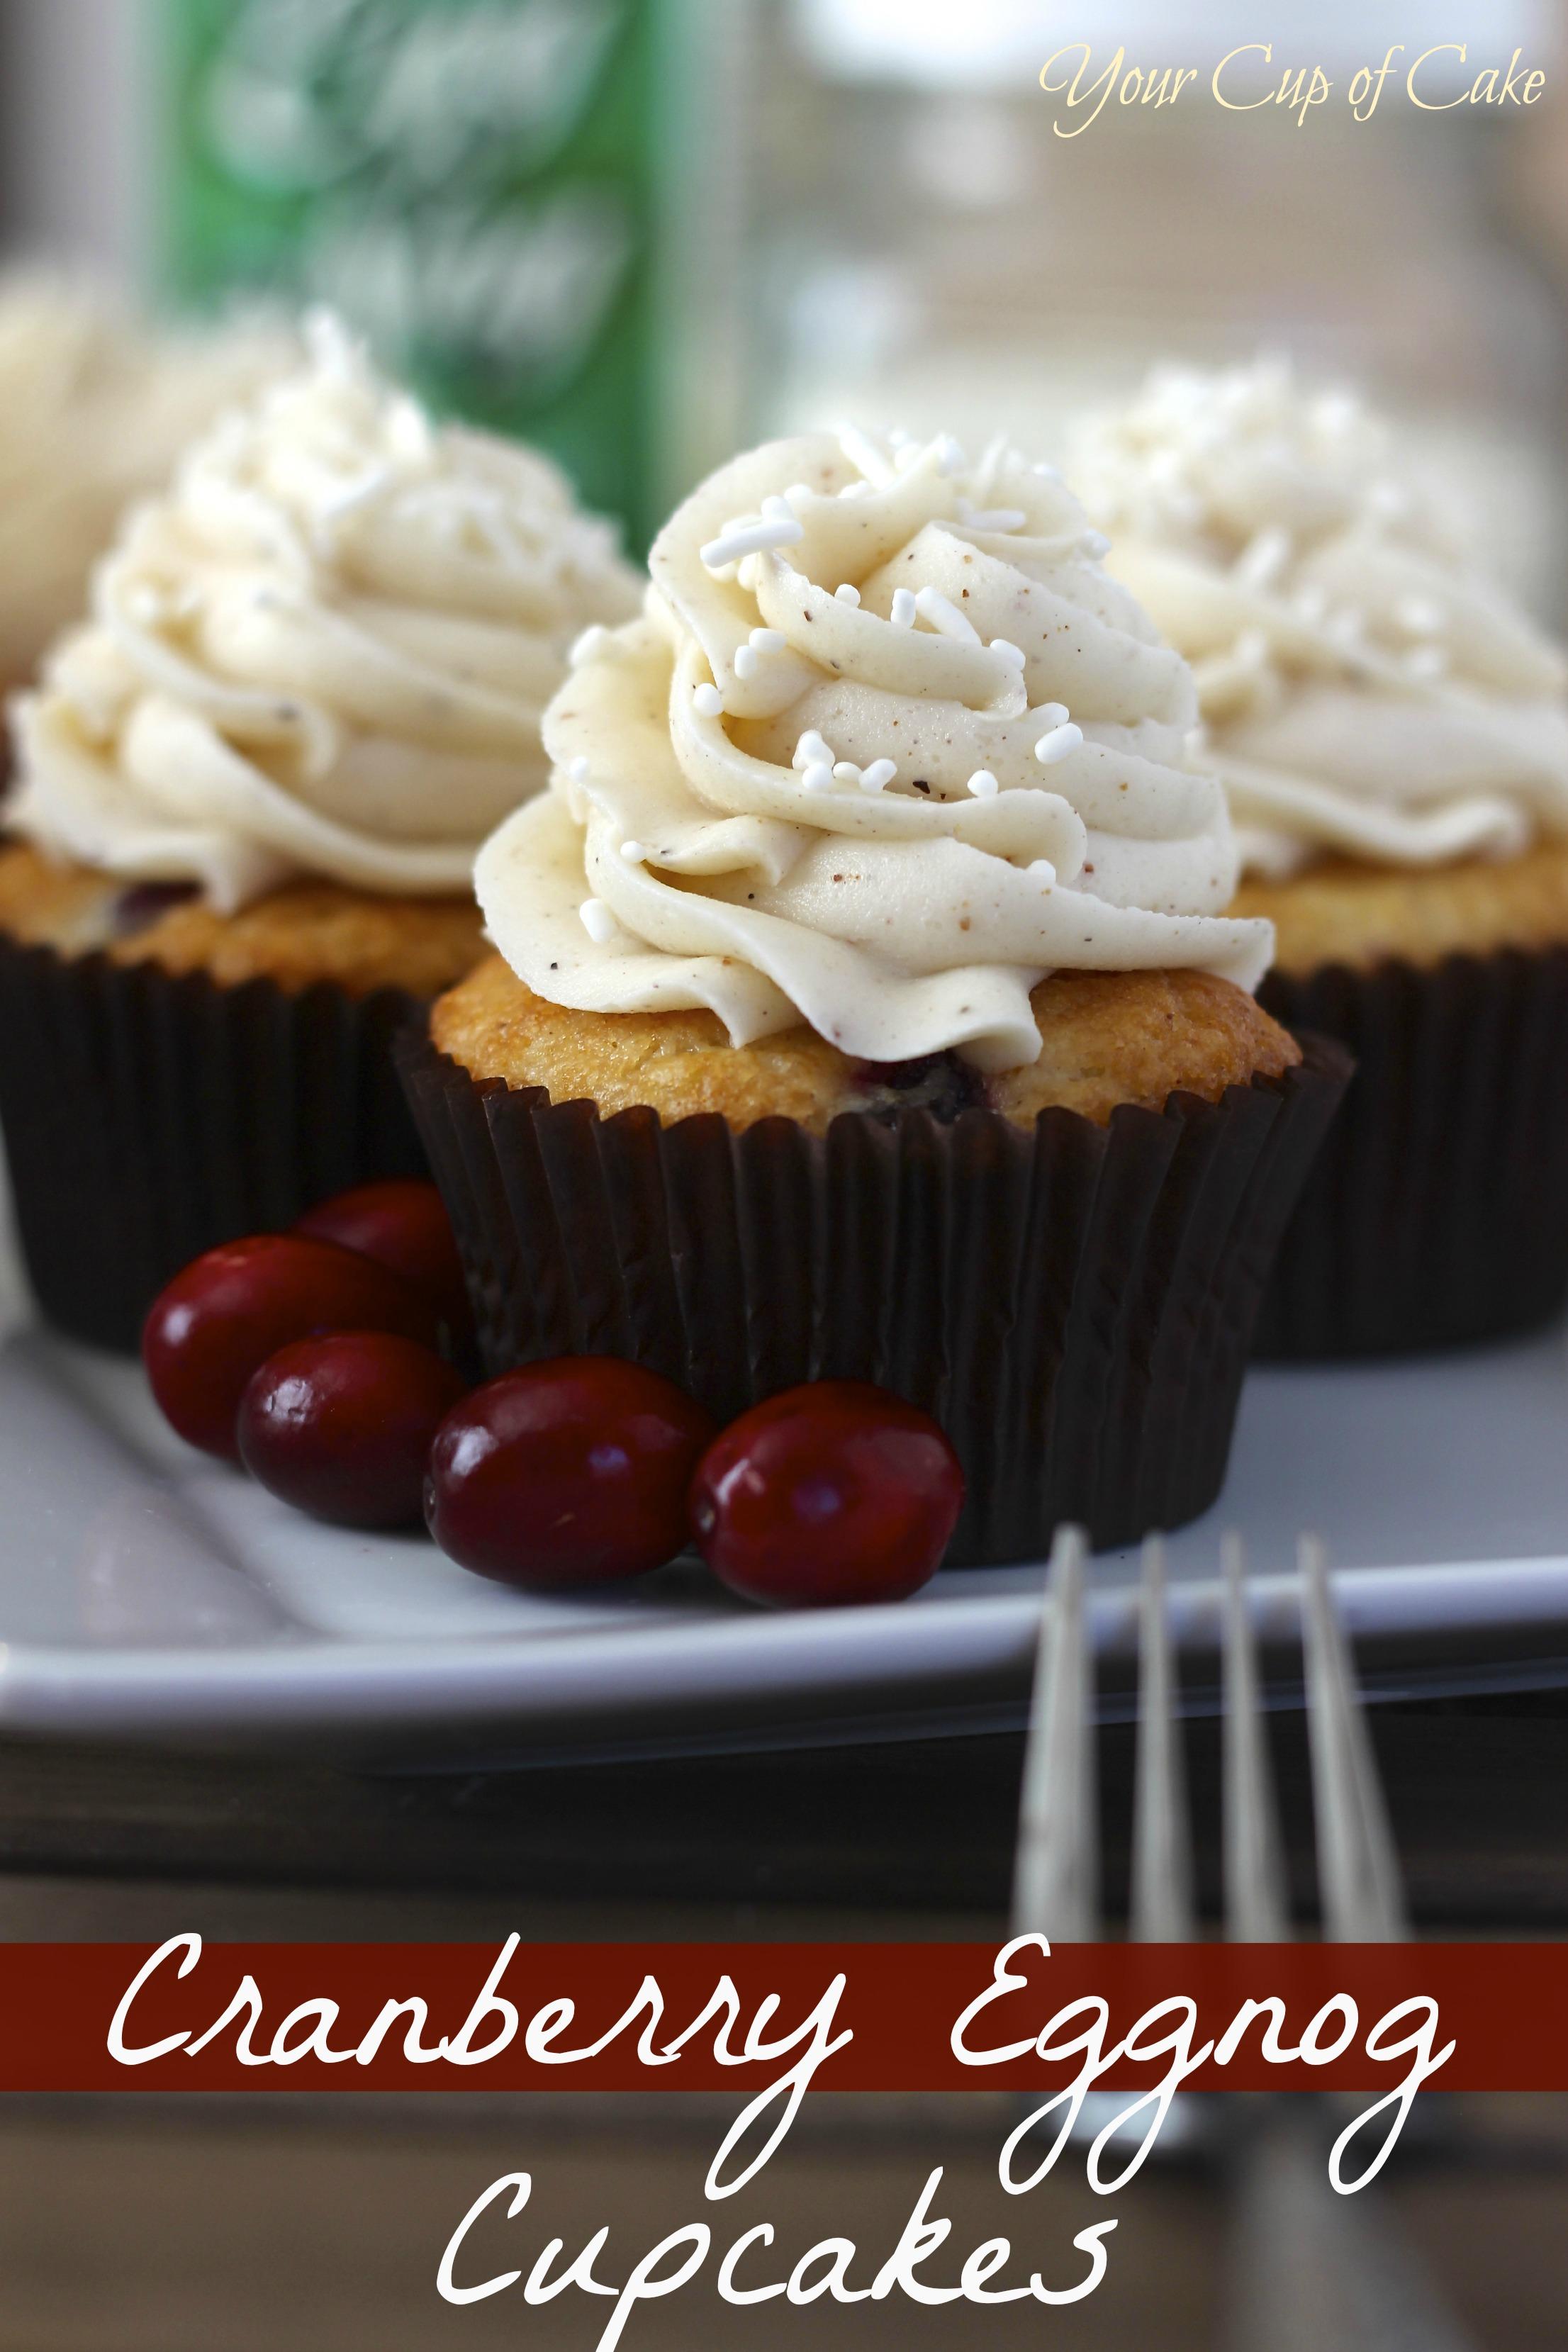 Cranberry Eggnog Cupcakes